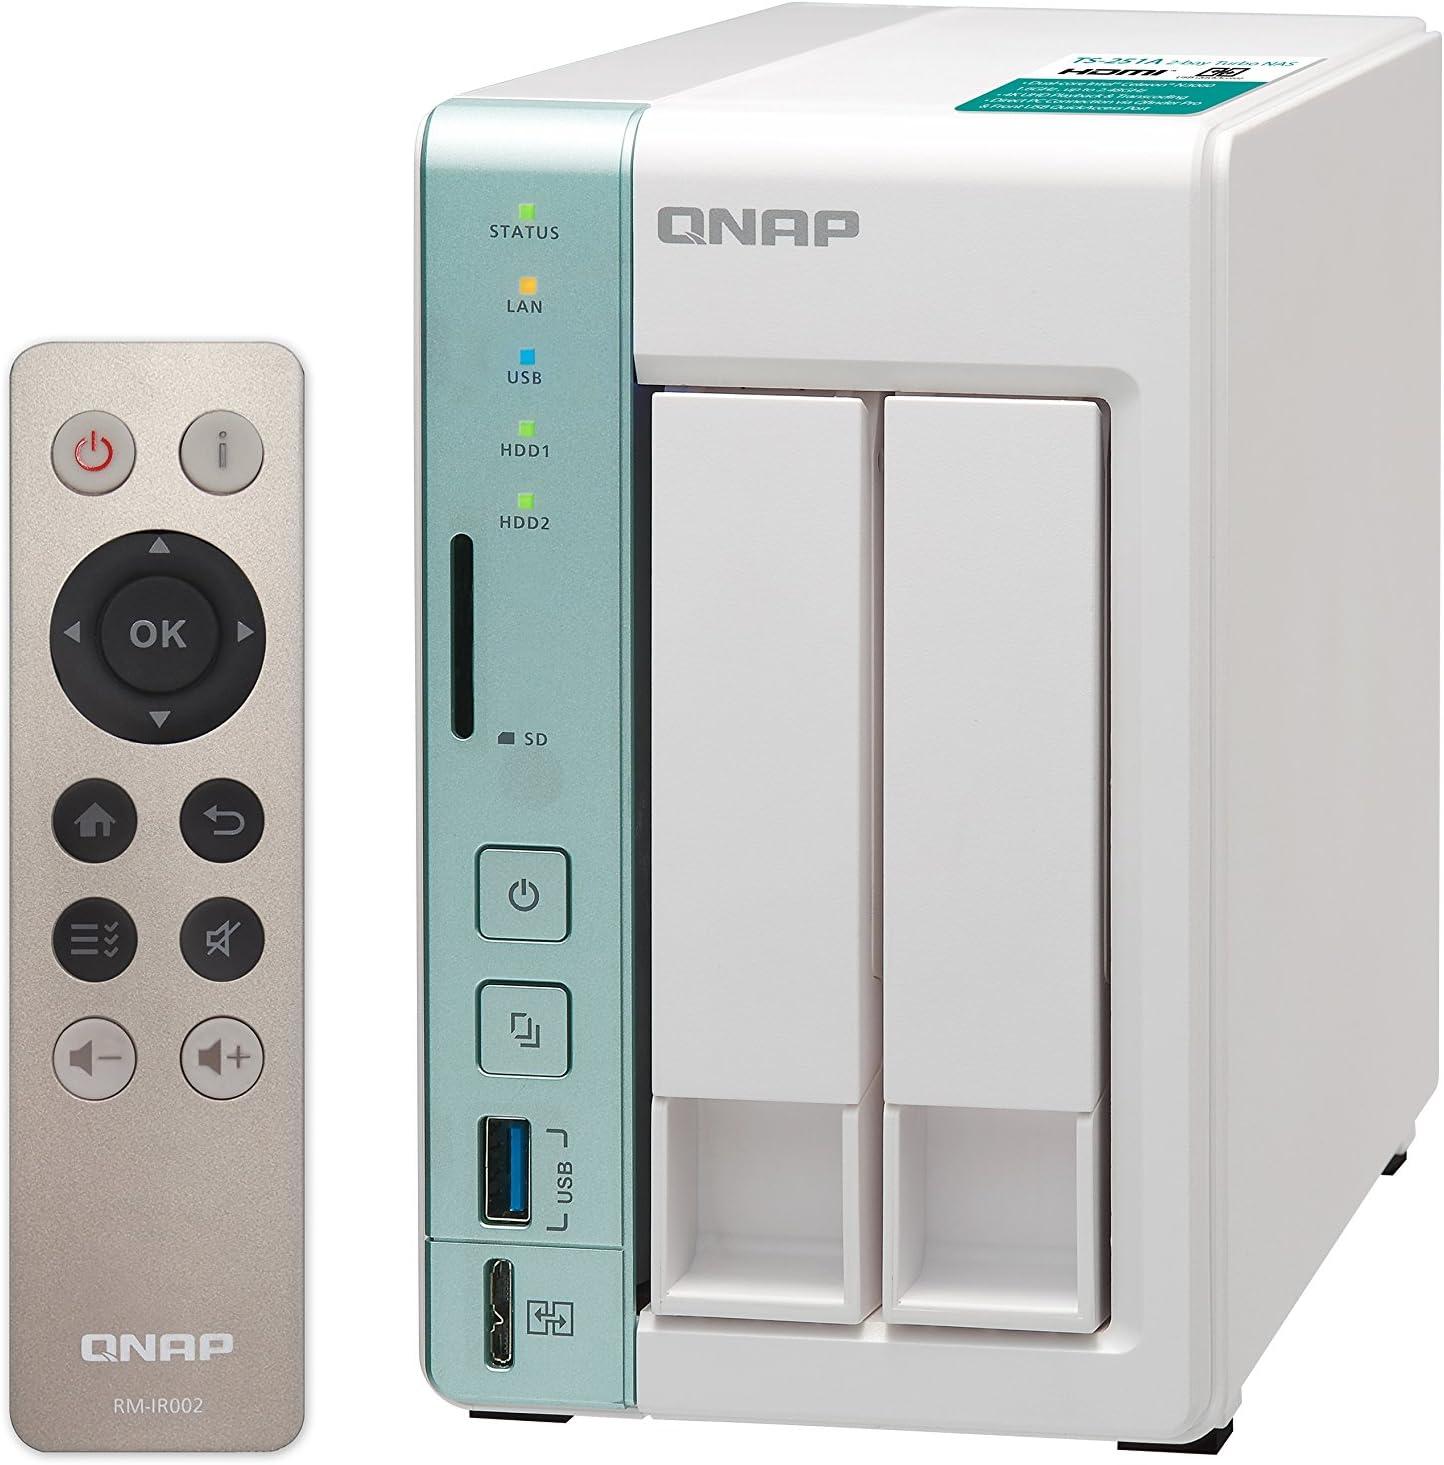 Qnap Ts 251a 4g 12tb 2 Bay Nas Lösung Installiert Mit Computer Zubehör